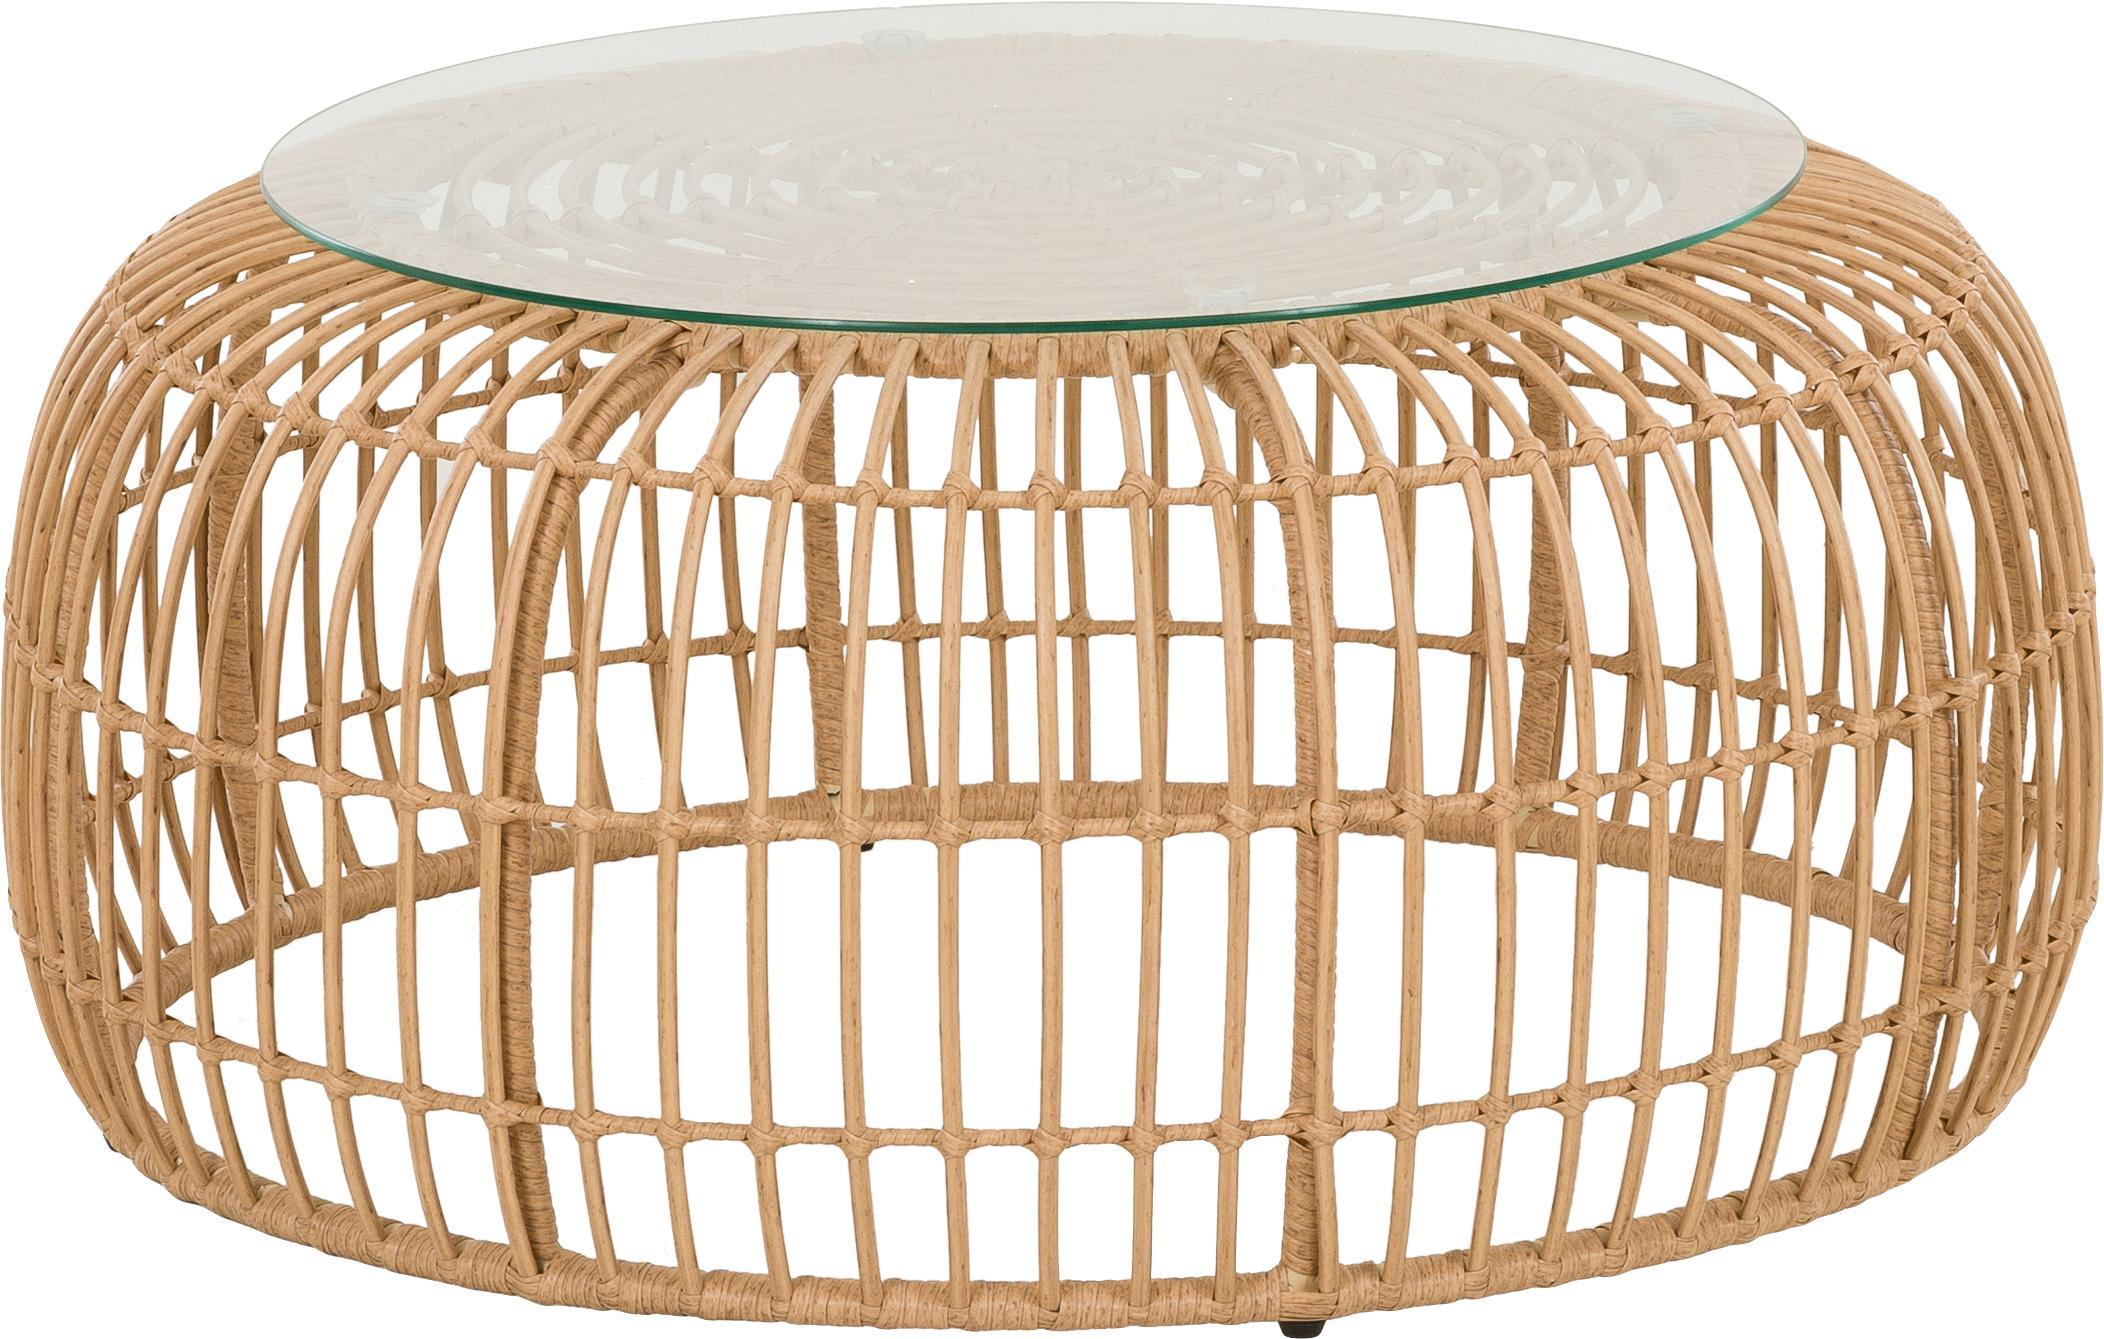 Stolik kawowy ogrodowy z polirattanu Costa, Blat: szkło, Stelaż: polietylen-splot, Jasny brązowy, Ø 85 x W 42 cm